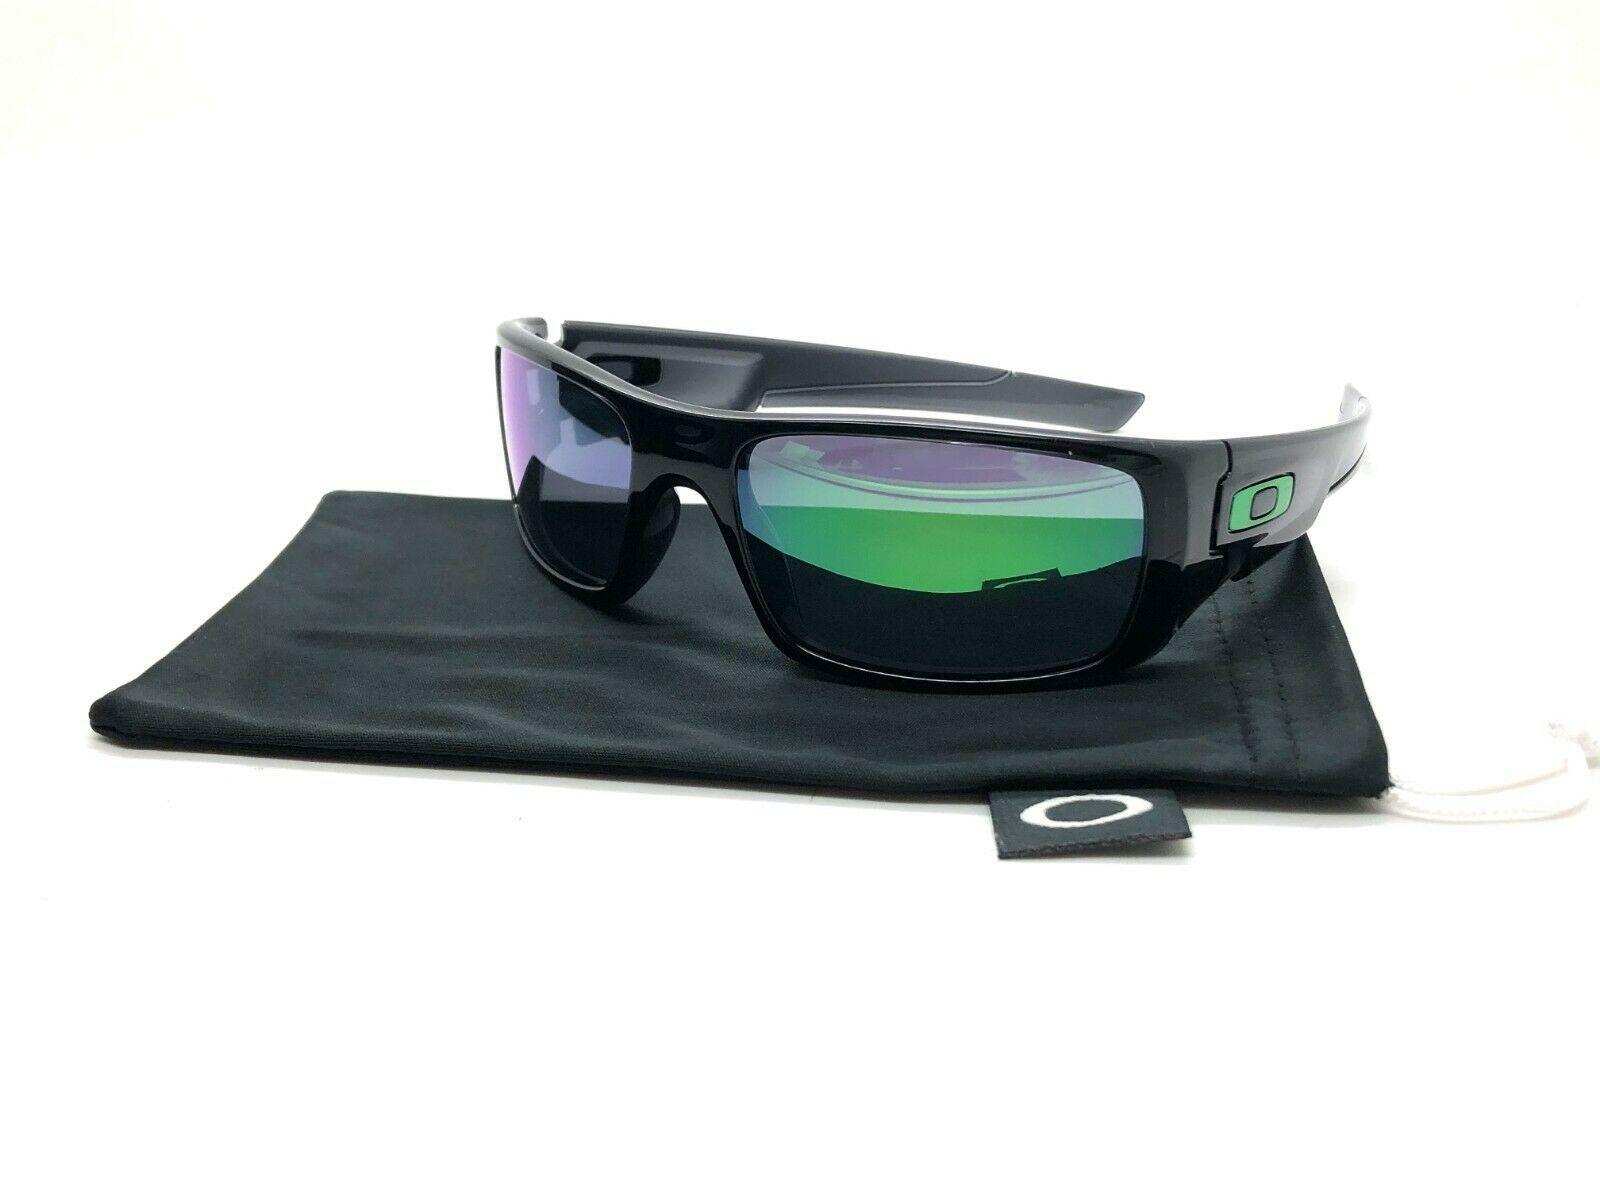 d02f624841131 Echt Oakley Sonnenbrille Kurbelwelle Oo9239-02 Tinte Schwarz mit   -  77.63  · Advanced search for Oakley Sunglasses